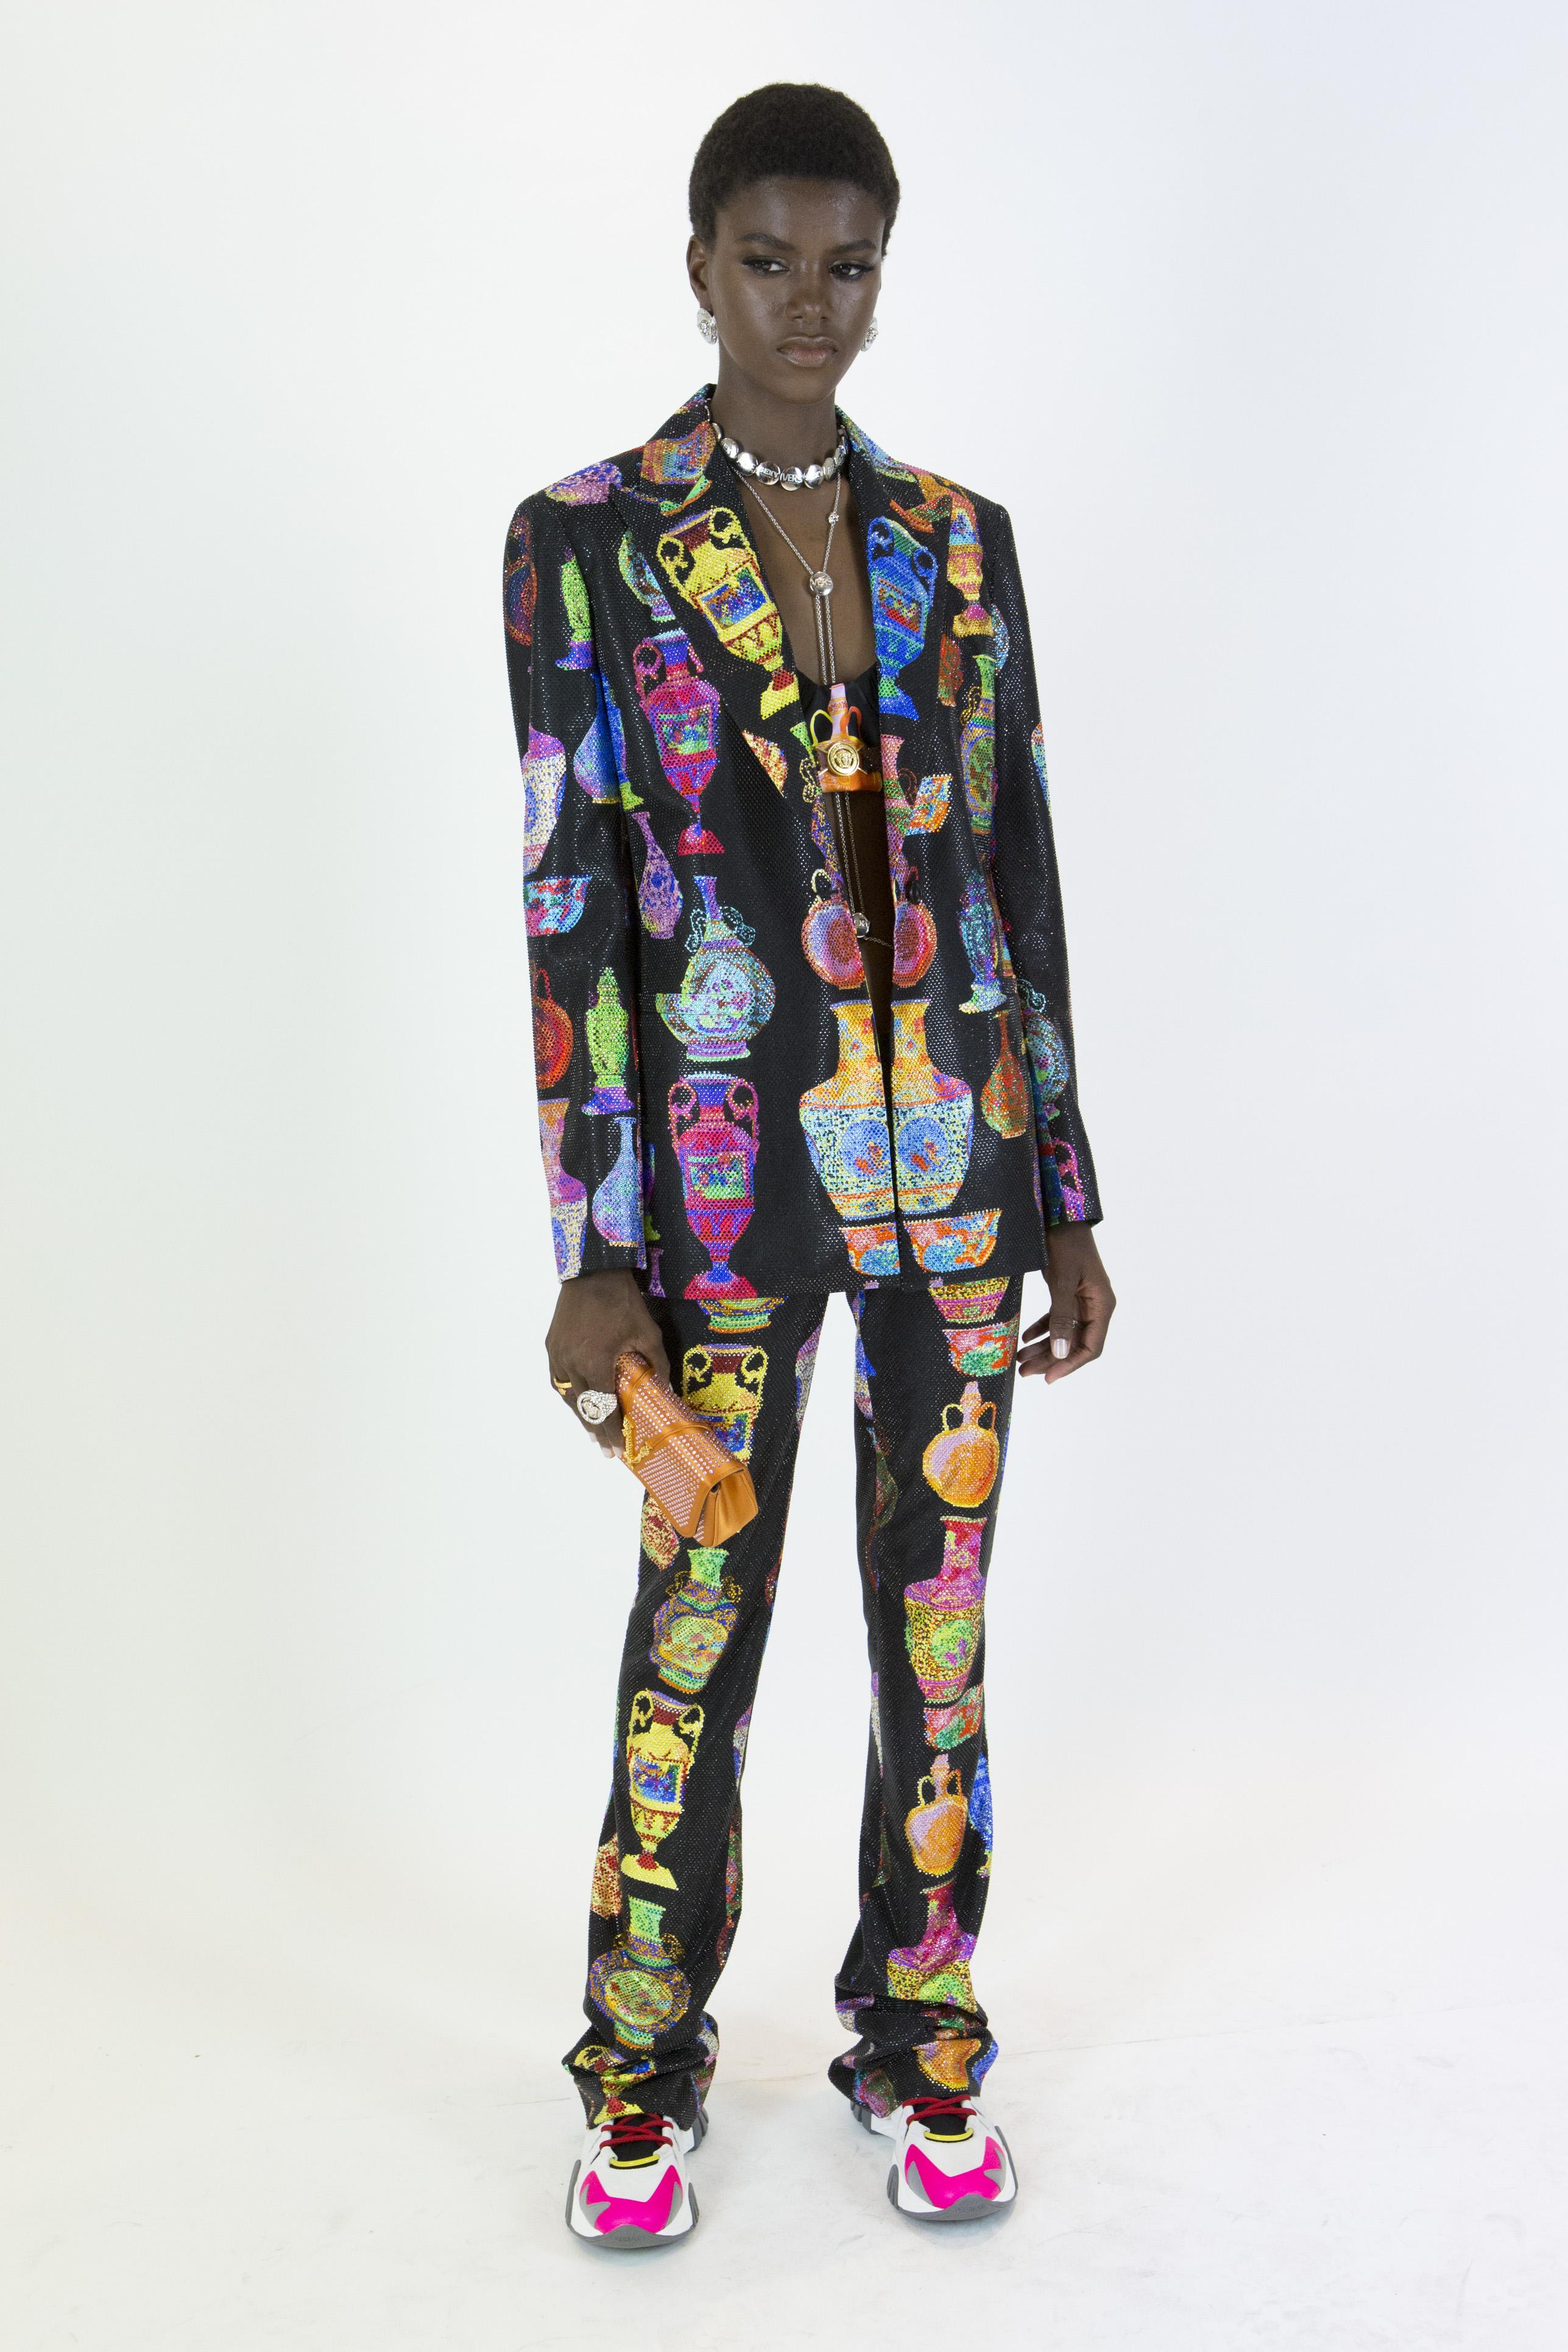 """Hay ocasiones en las que quieres llamar la atención desde que llegas a un lugar. En estos casos, Versace sugiere un """"suit"""" en colores y estampados vibrantes combinados con un par de tenis. ¿Te atreves a inspirarte en este """"look""""? (WGSN)"""